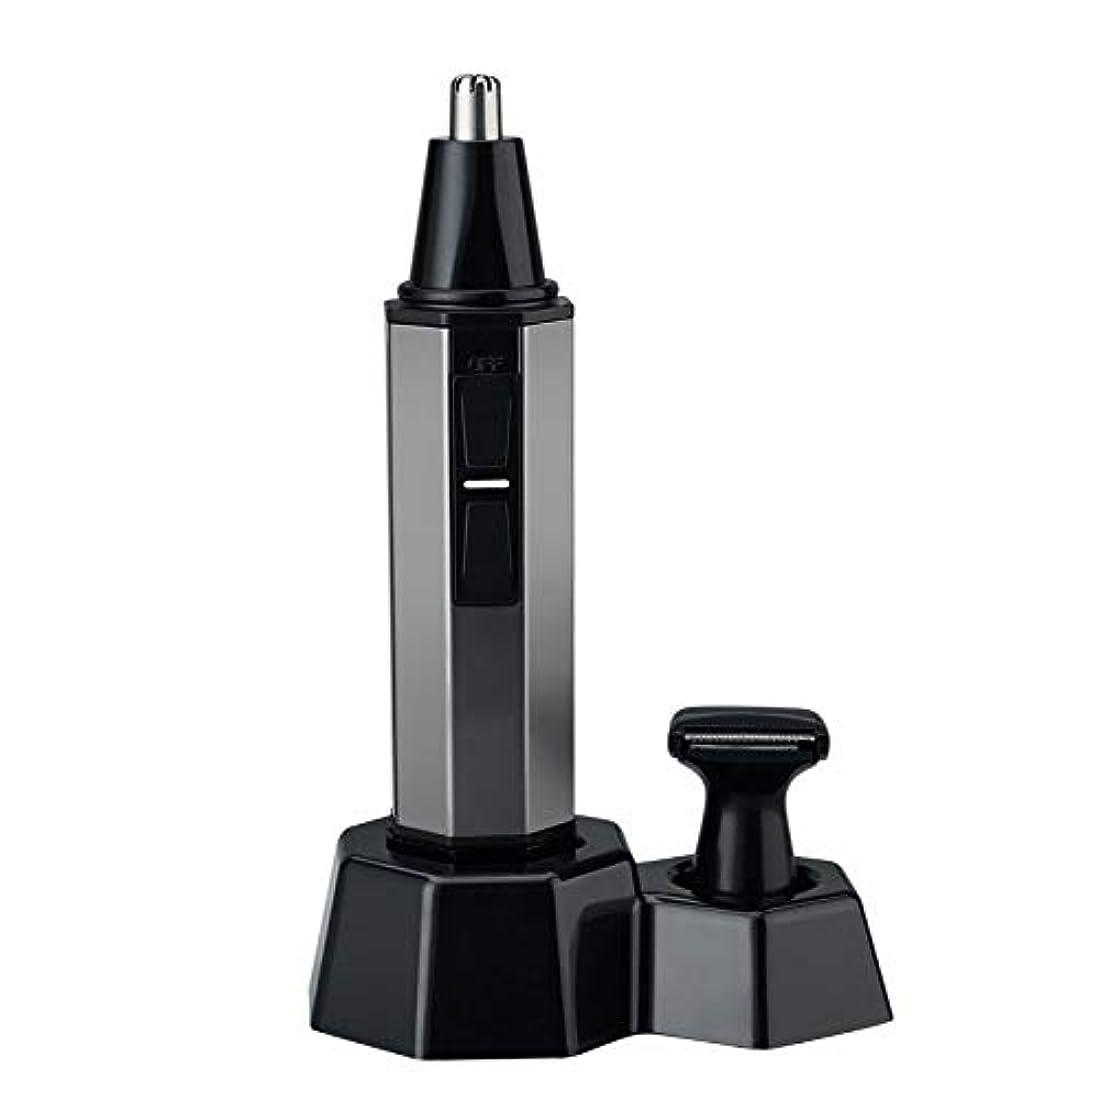 黒電動眉シェーピングナイフ、2-in-1多機能耳鼻毛トリマー、コンパクトで安全な脱毛装置、ユニバーサルタイプ